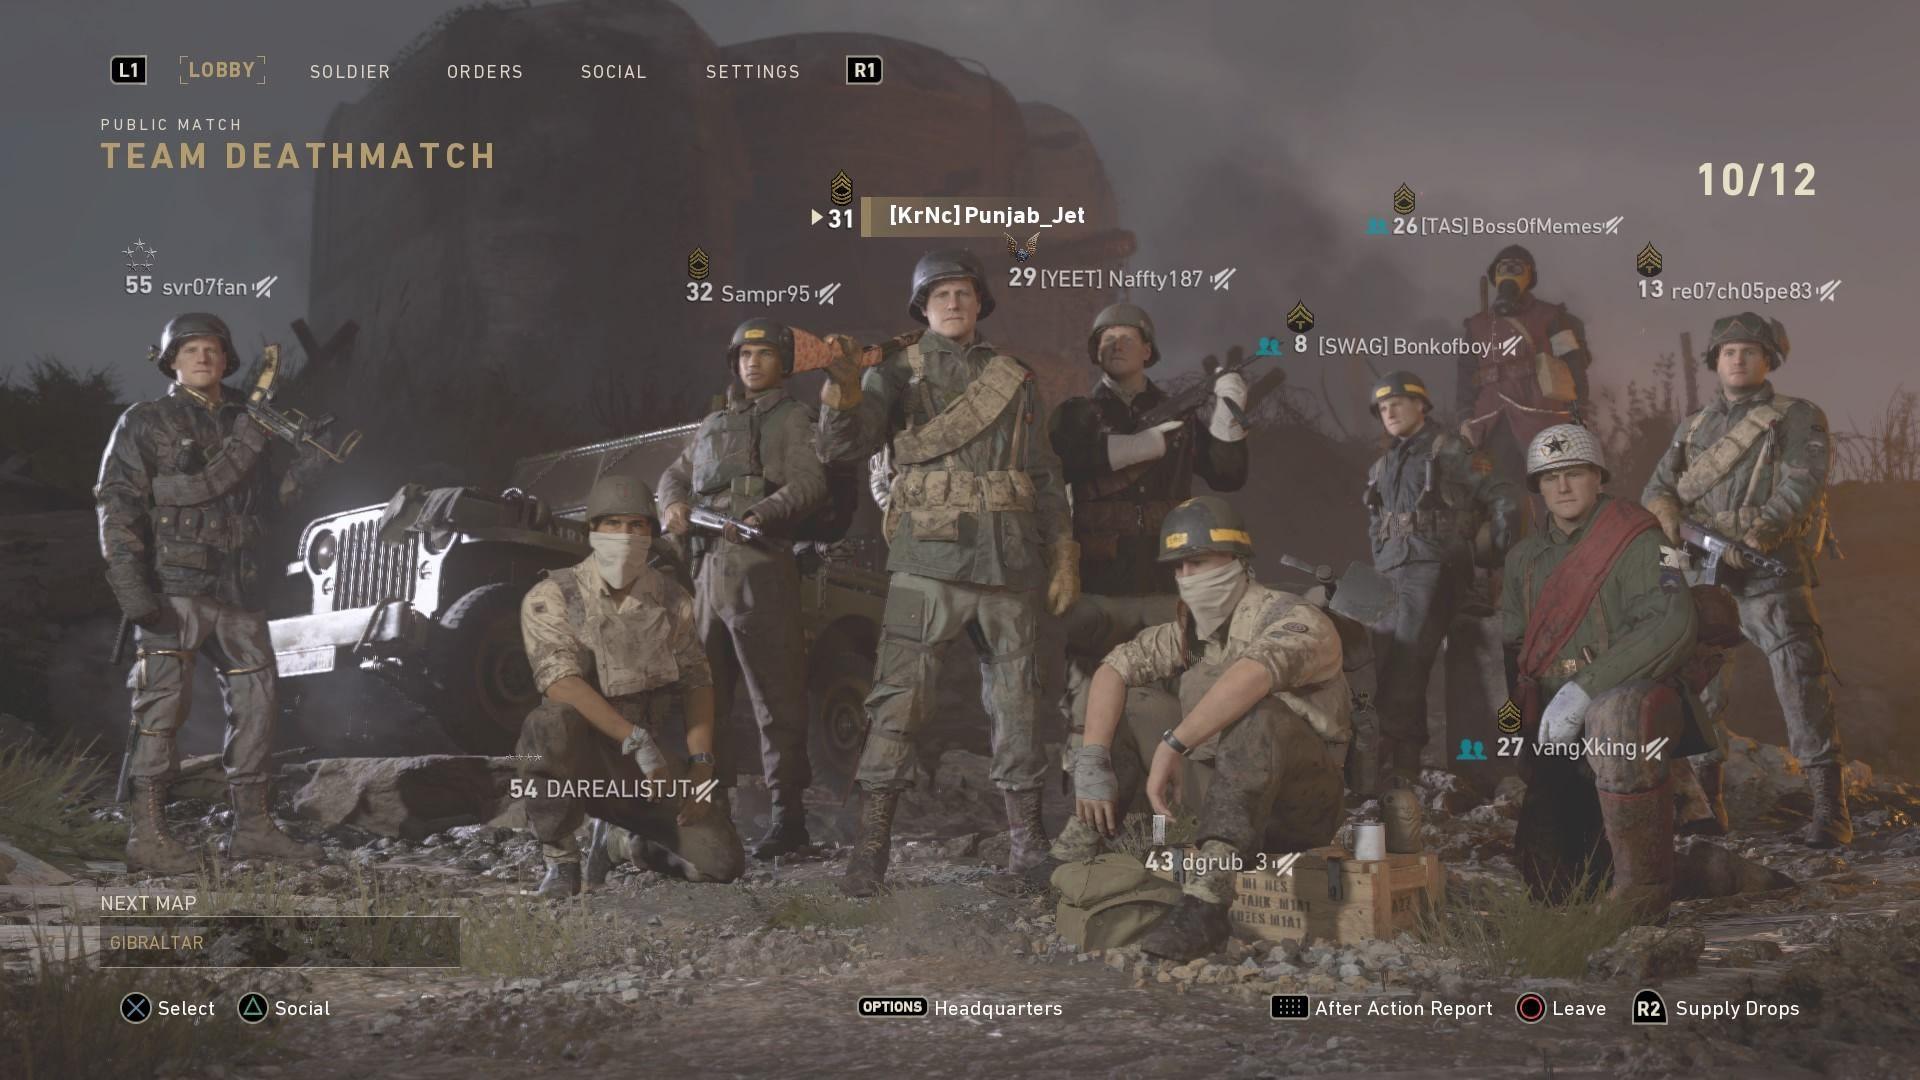 Call Of Duty Ww2 Wallpaper 4k: 44 Best Free WW2 Wallpapers